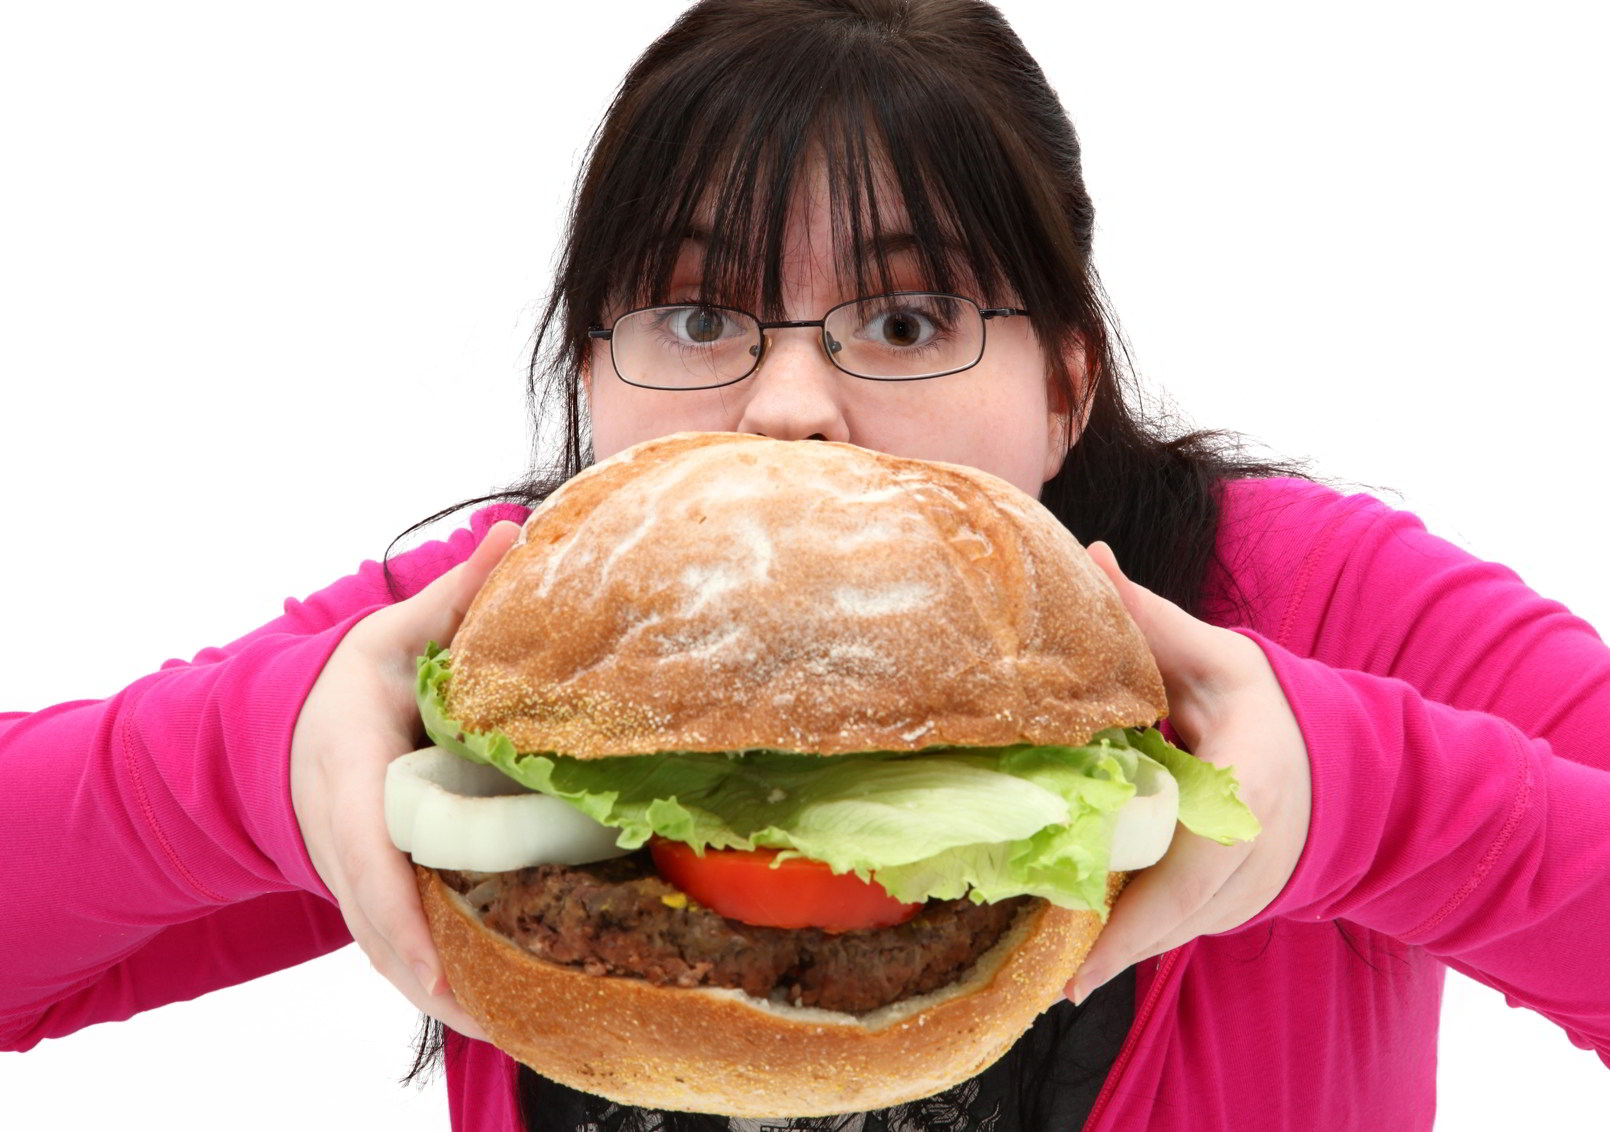 6 căn bệnh nguy hiểm mà người thừa cân, béo phì có nguy cơ cao mắc phải - Ảnh 2.